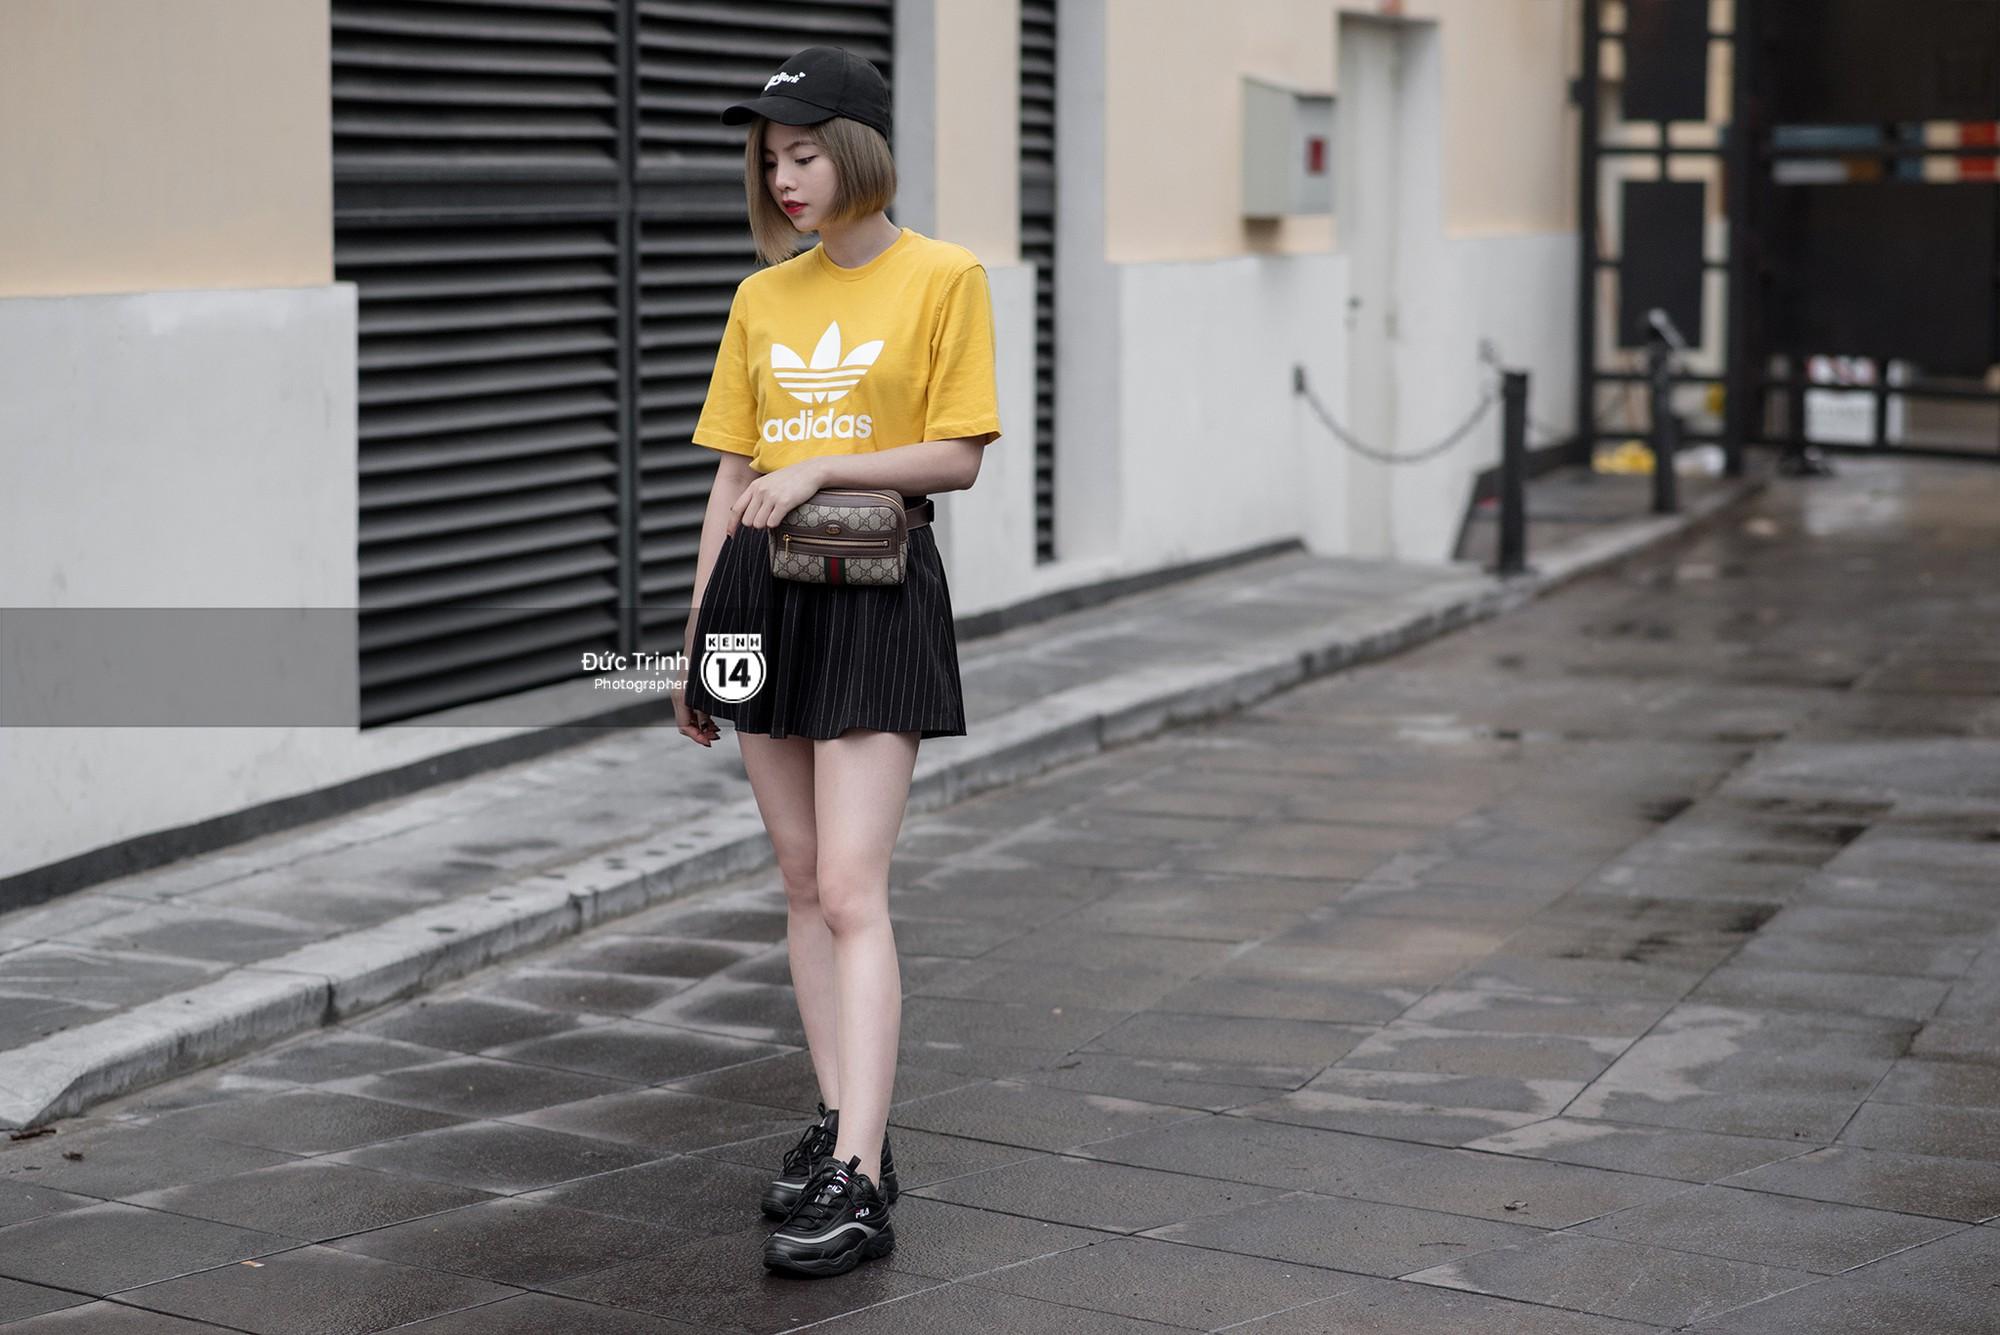 Giới trẻ 2 miền chinh phục loạt hot trend, khoe street style siêu cool và thời thượng - Ảnh 14.